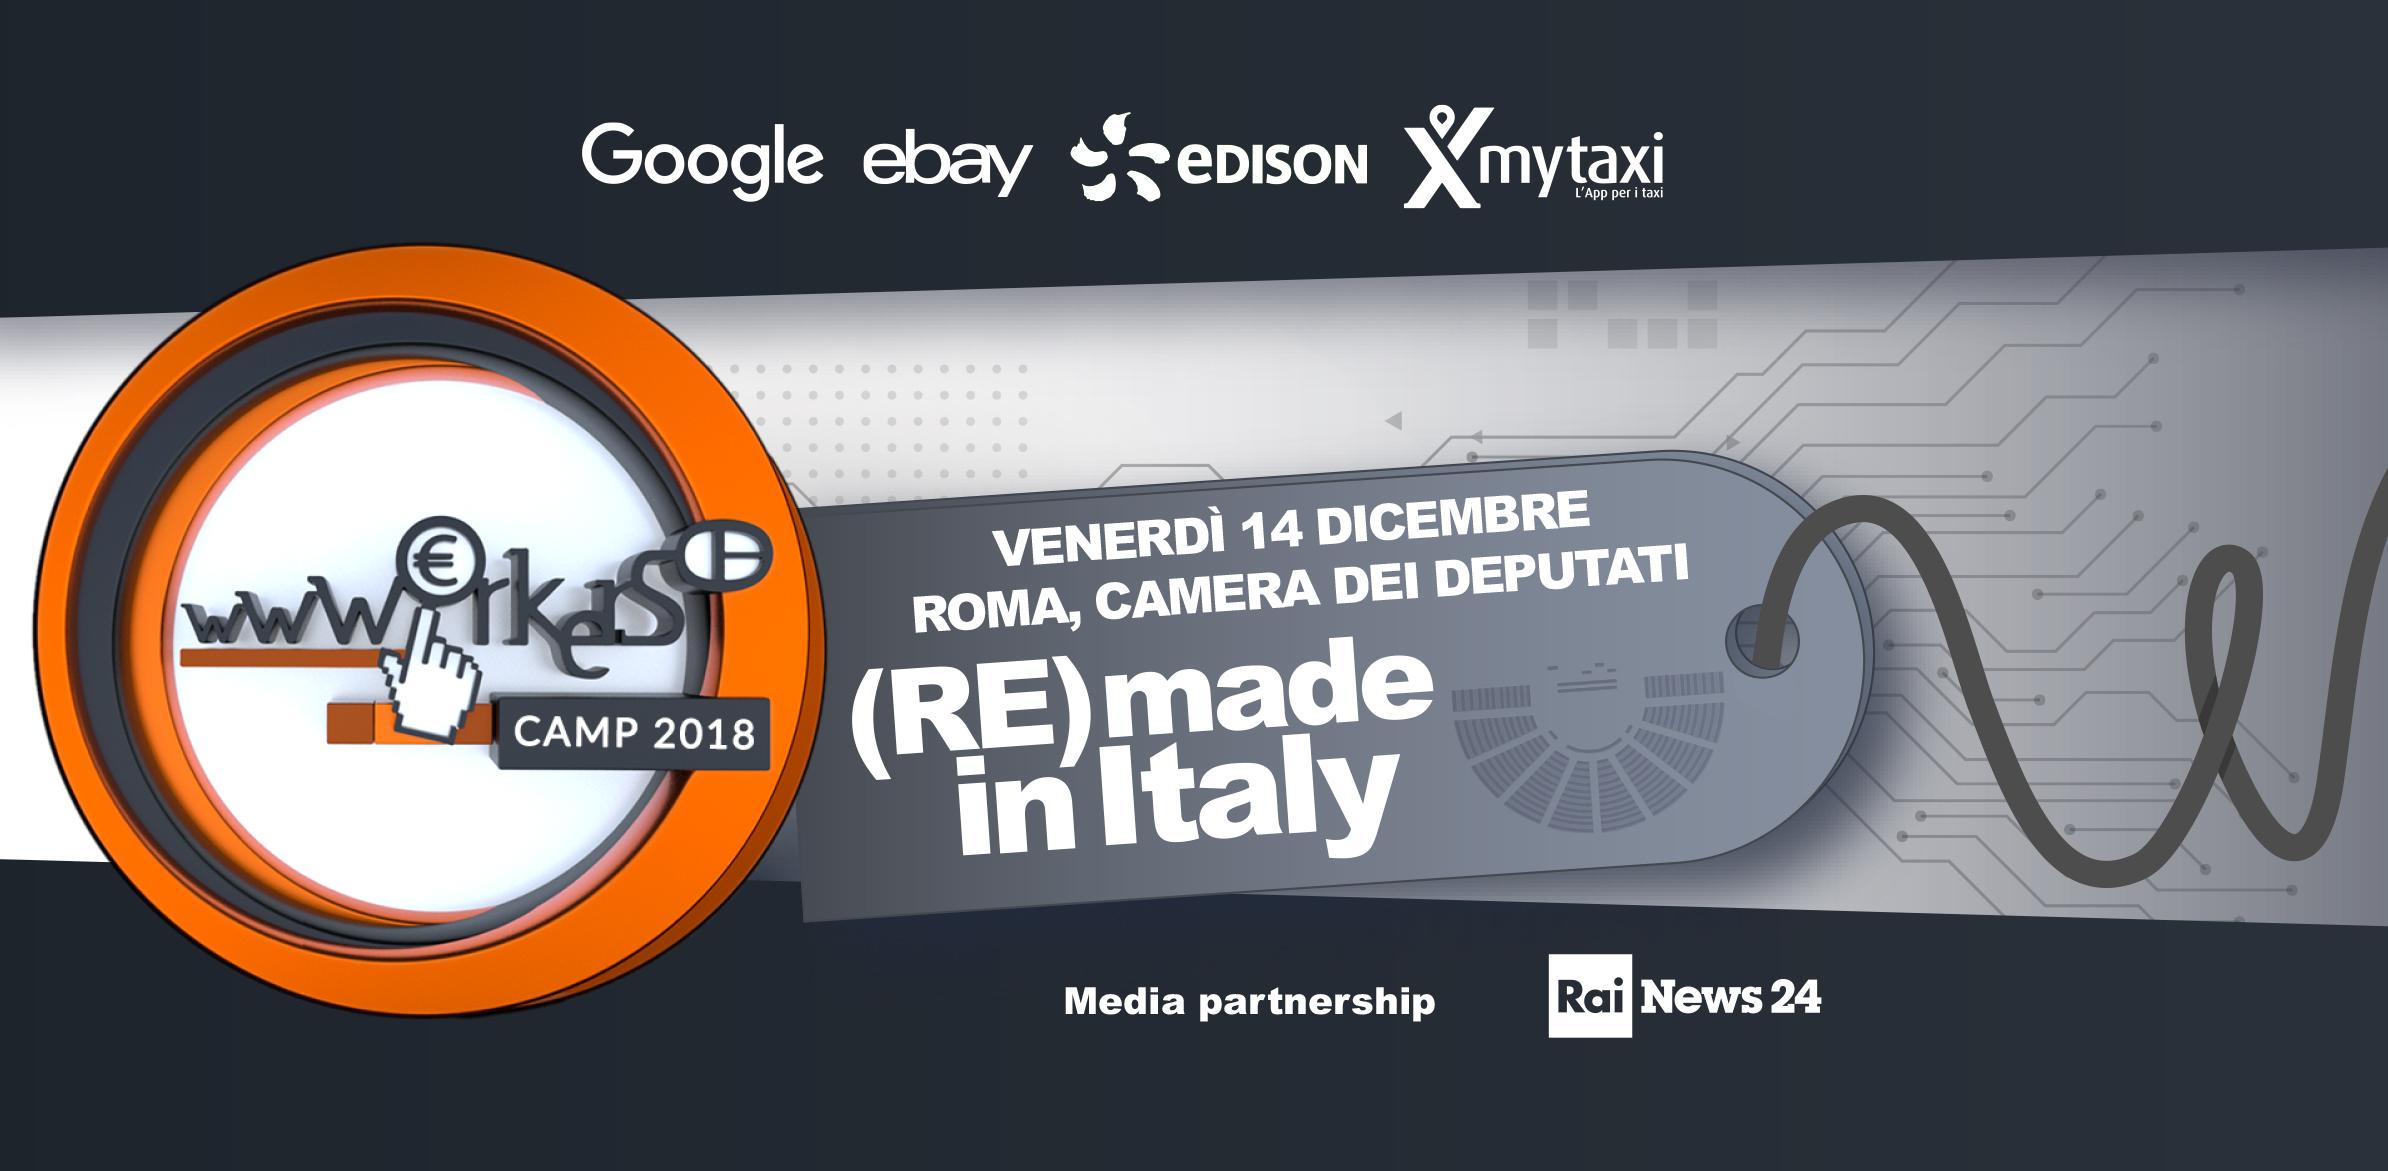 (Re)made in Italy : alla camera dei deputati le ricette dei wwworkers